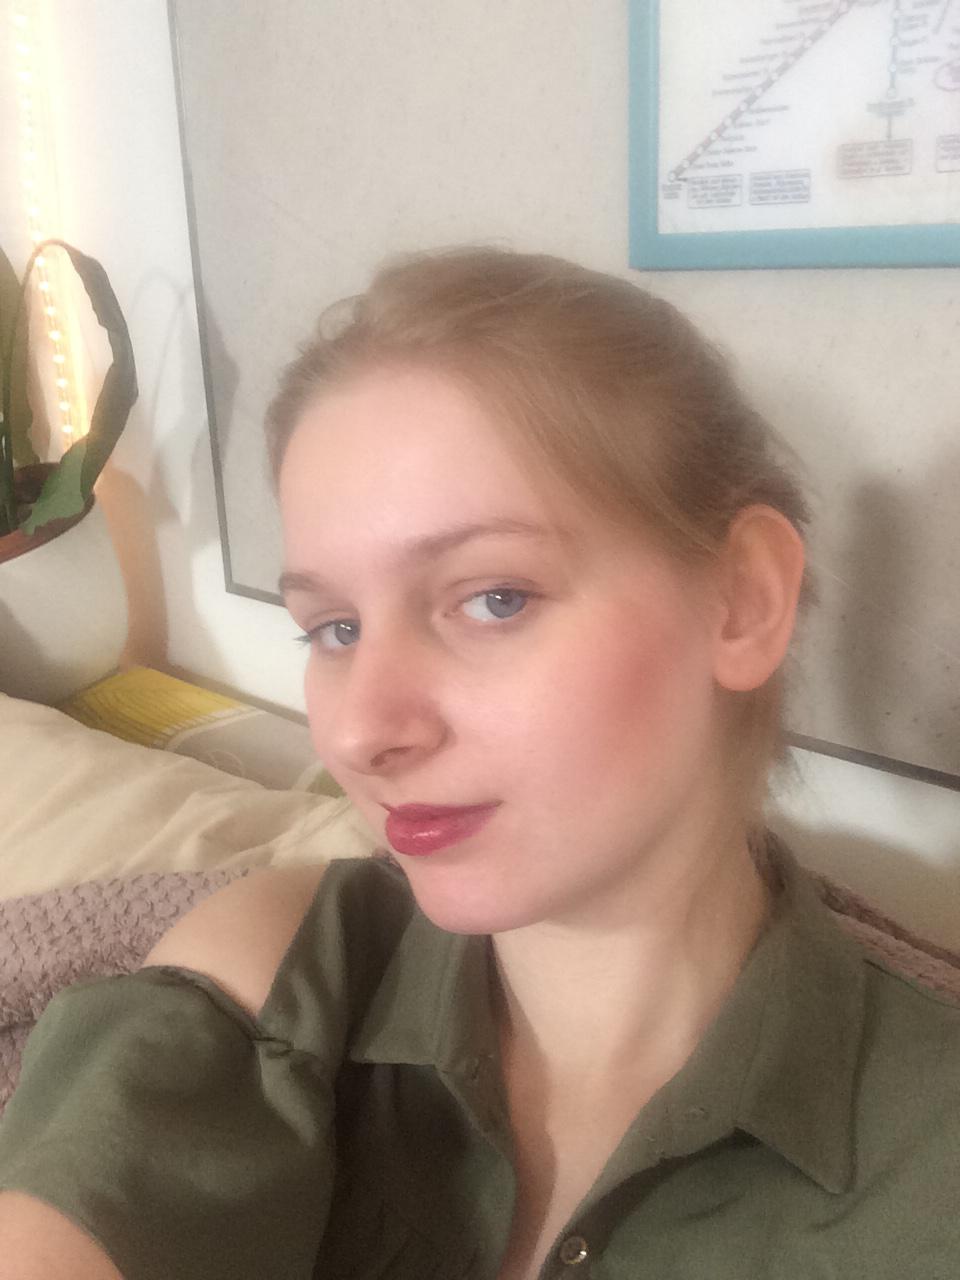 Ersties.com - Ginny 2